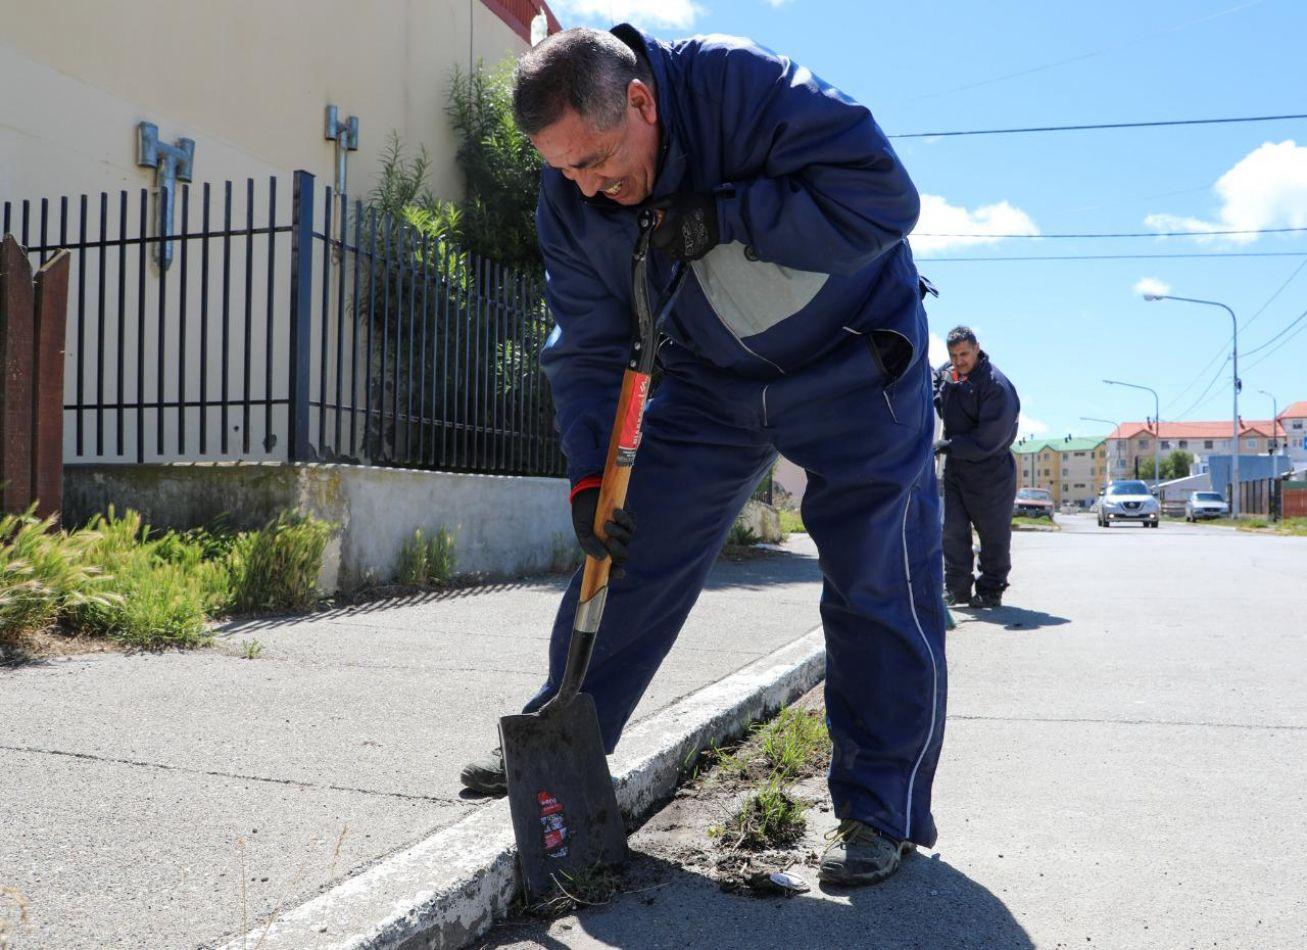 Continúan los trabajos de limpieza y embellecimiento en la ciudad